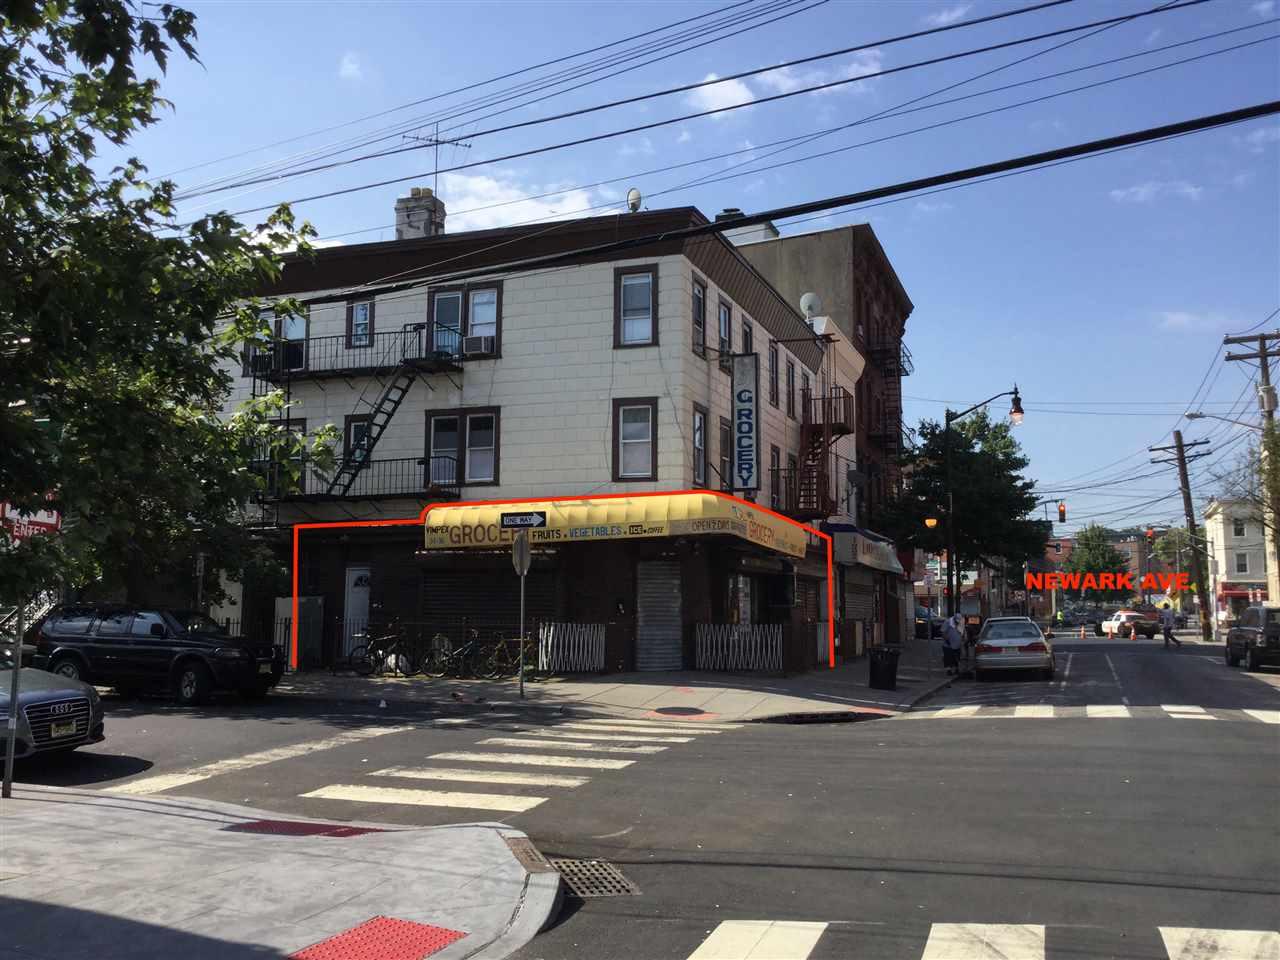 34 COLES ST, JC, Downtown, NJ 07302